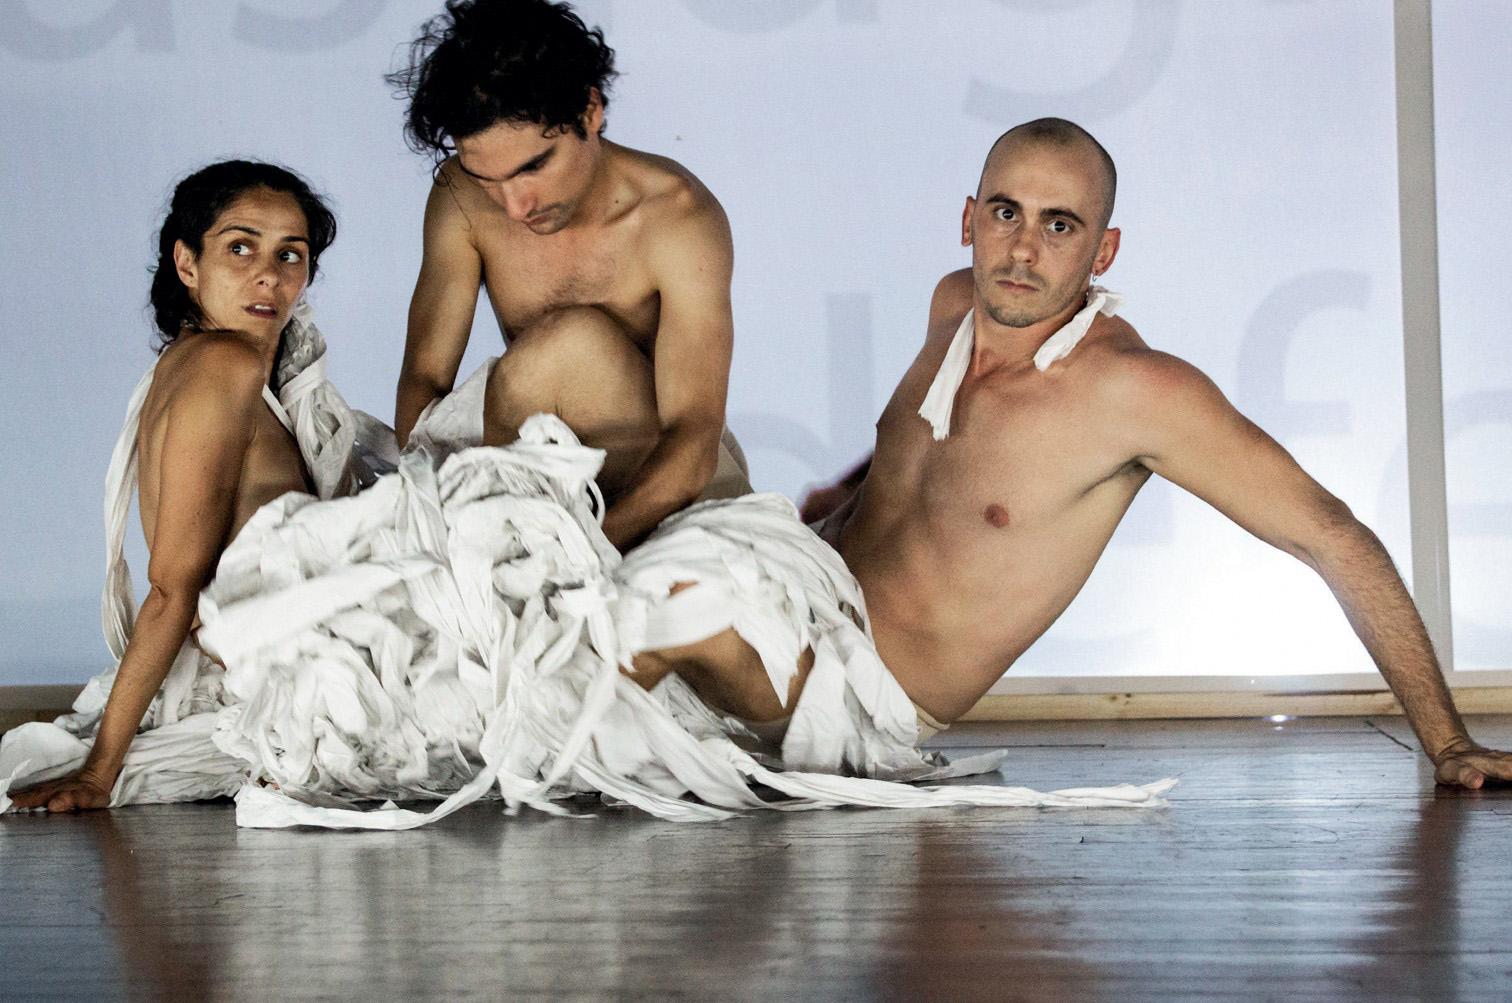 Imagen 6. Habitar el cuerpo abyecto: realización escénica a partir de un laboratorio escénico. Amanda Méndez Ramírez, (2019).